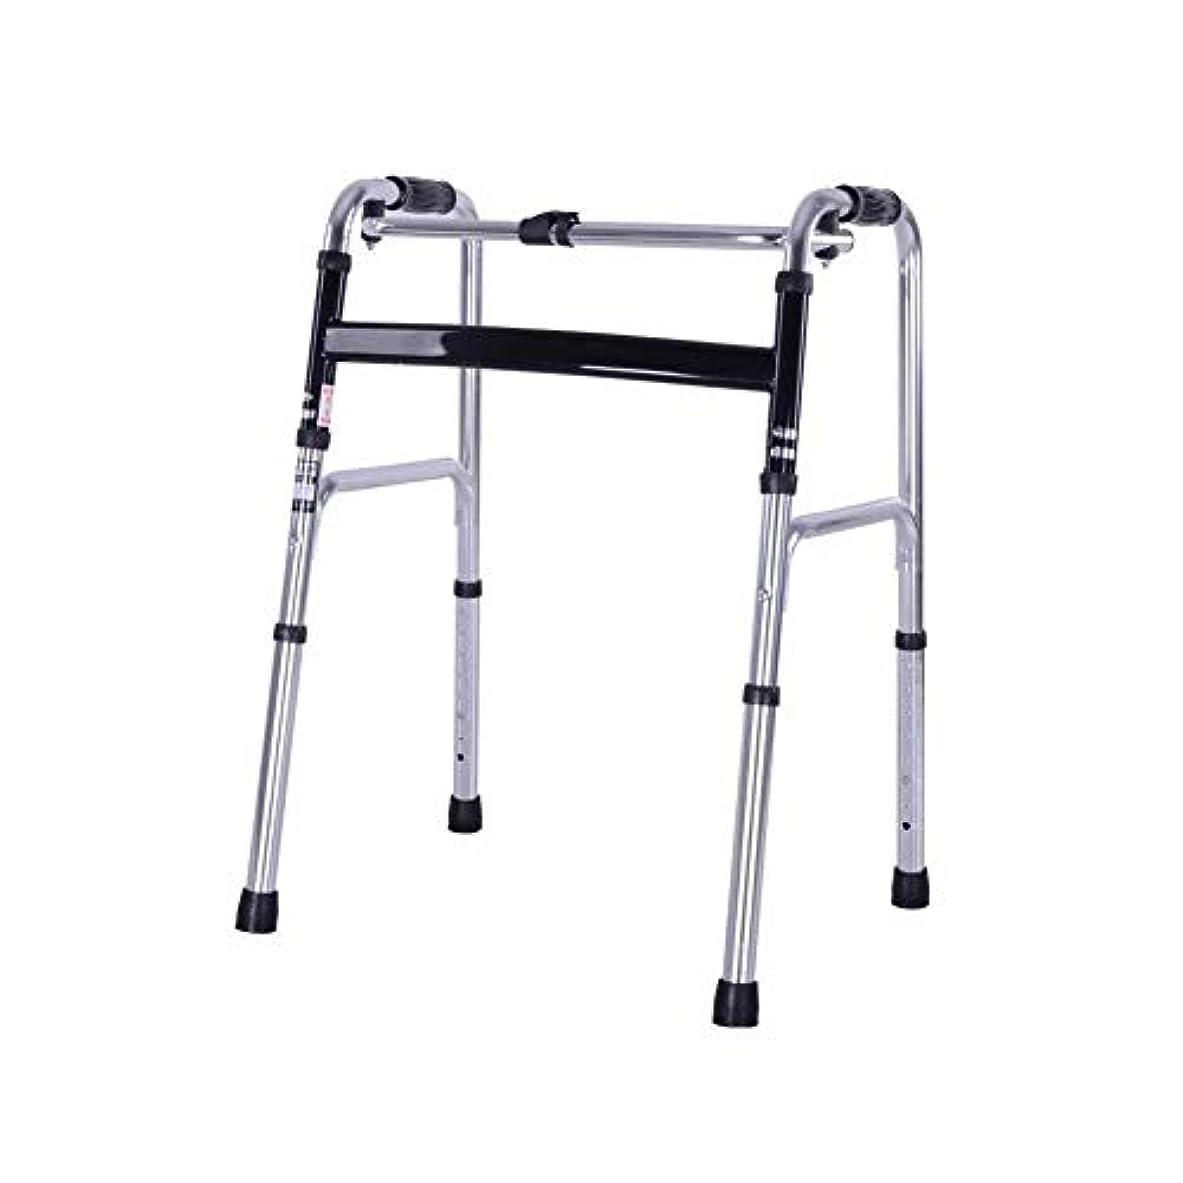 配分ツールするだろう高齢者のための折りたたみ式軽量アルミニウム高さ調節可能な歩行フレームの移動補助具